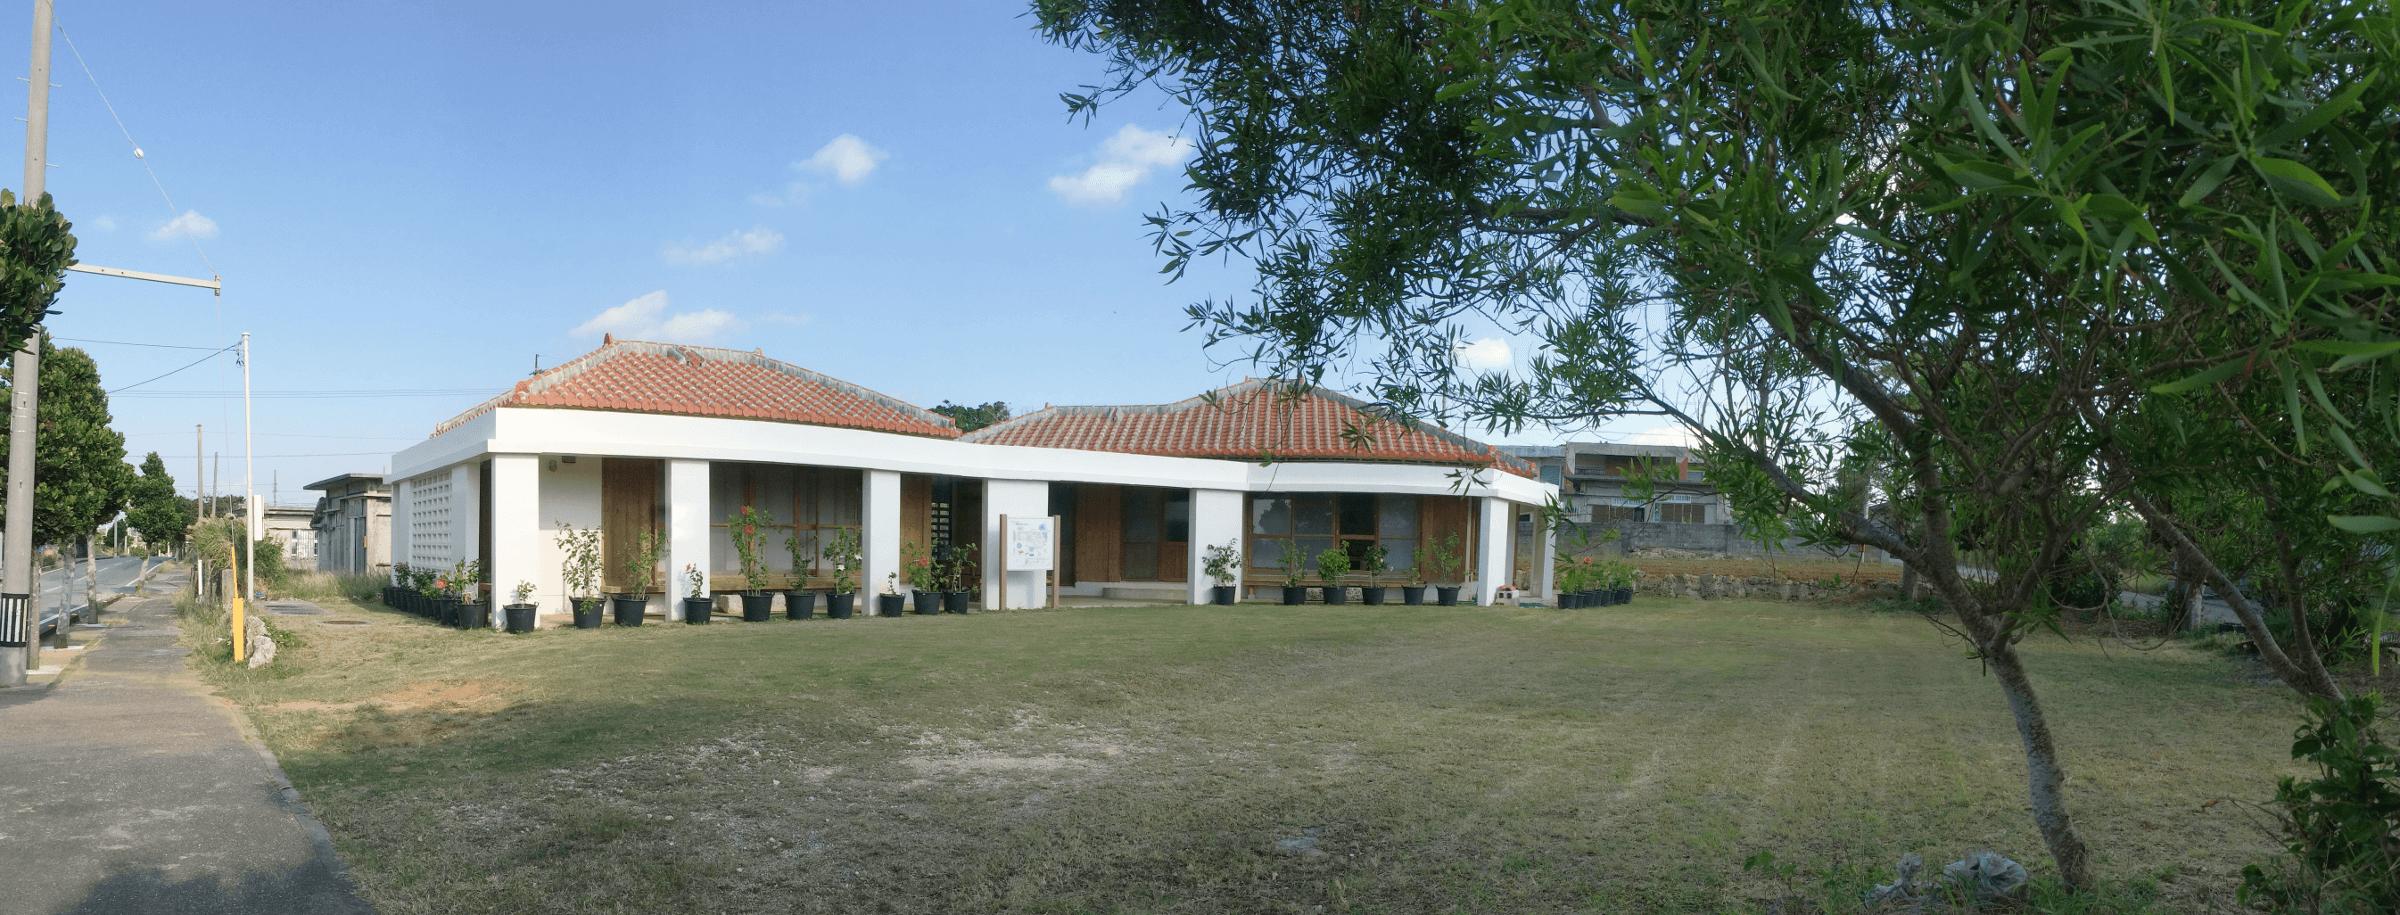 宮古島エコハウス《郊外型》の全景